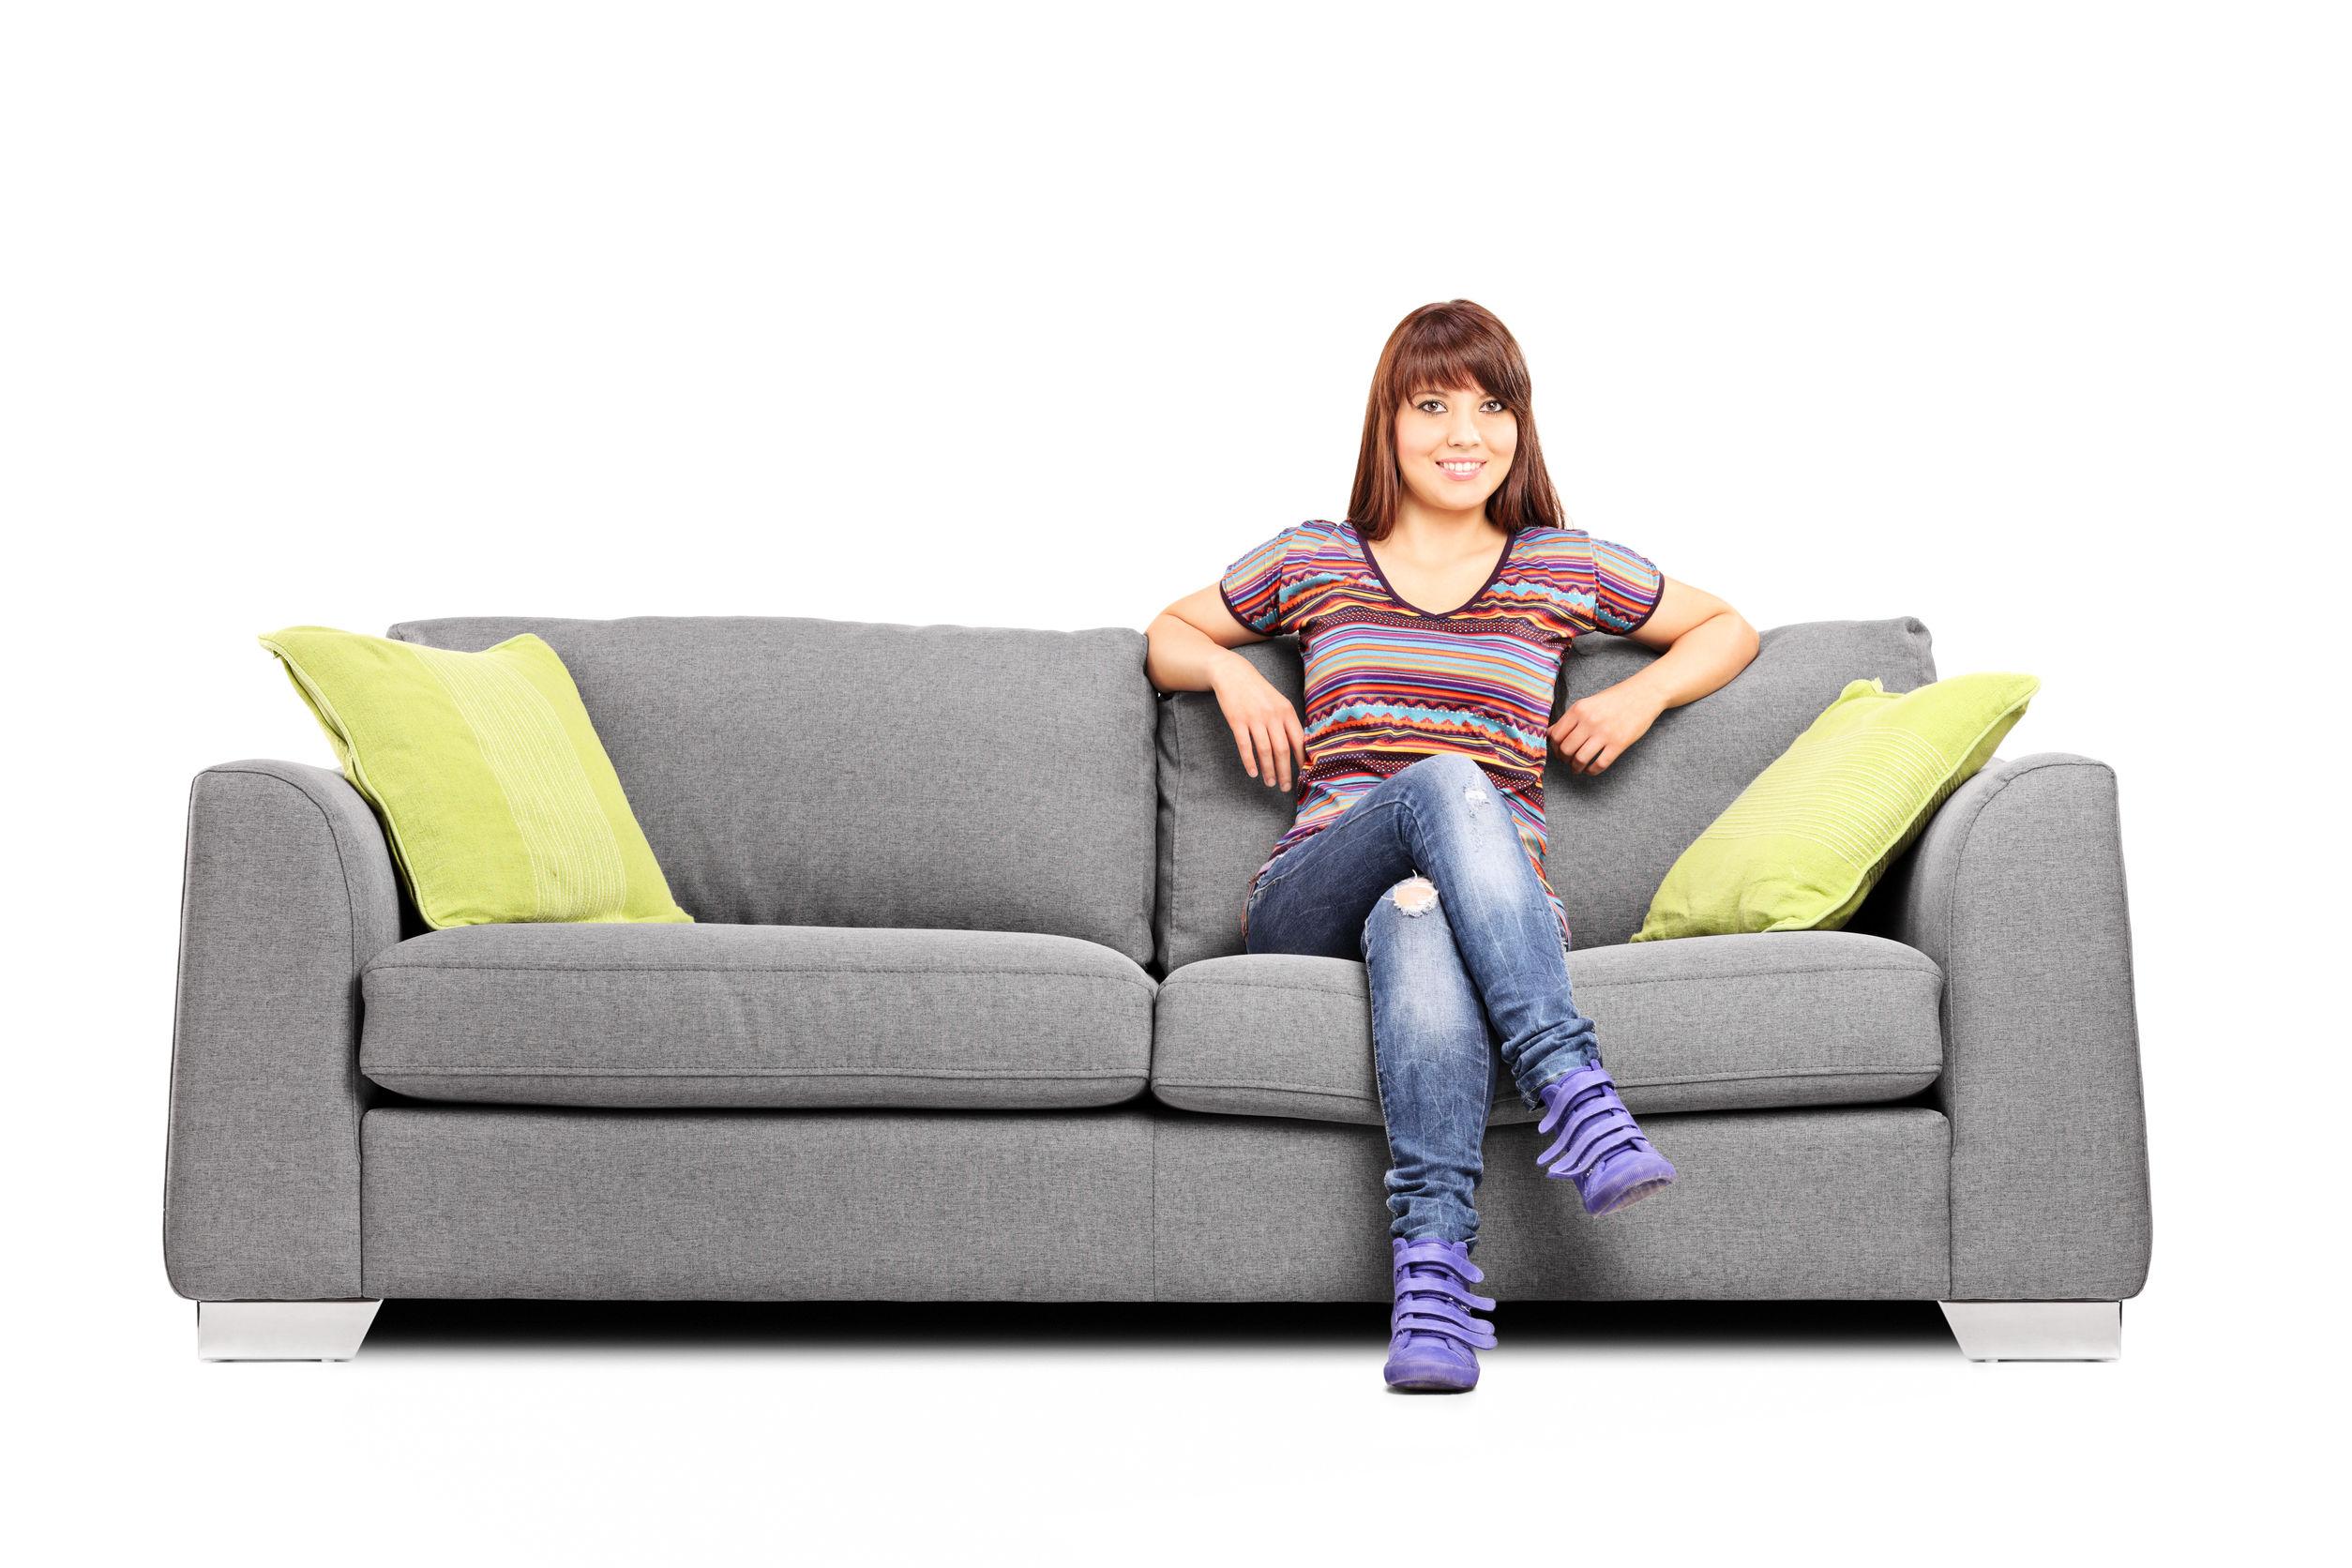 диван в магазине